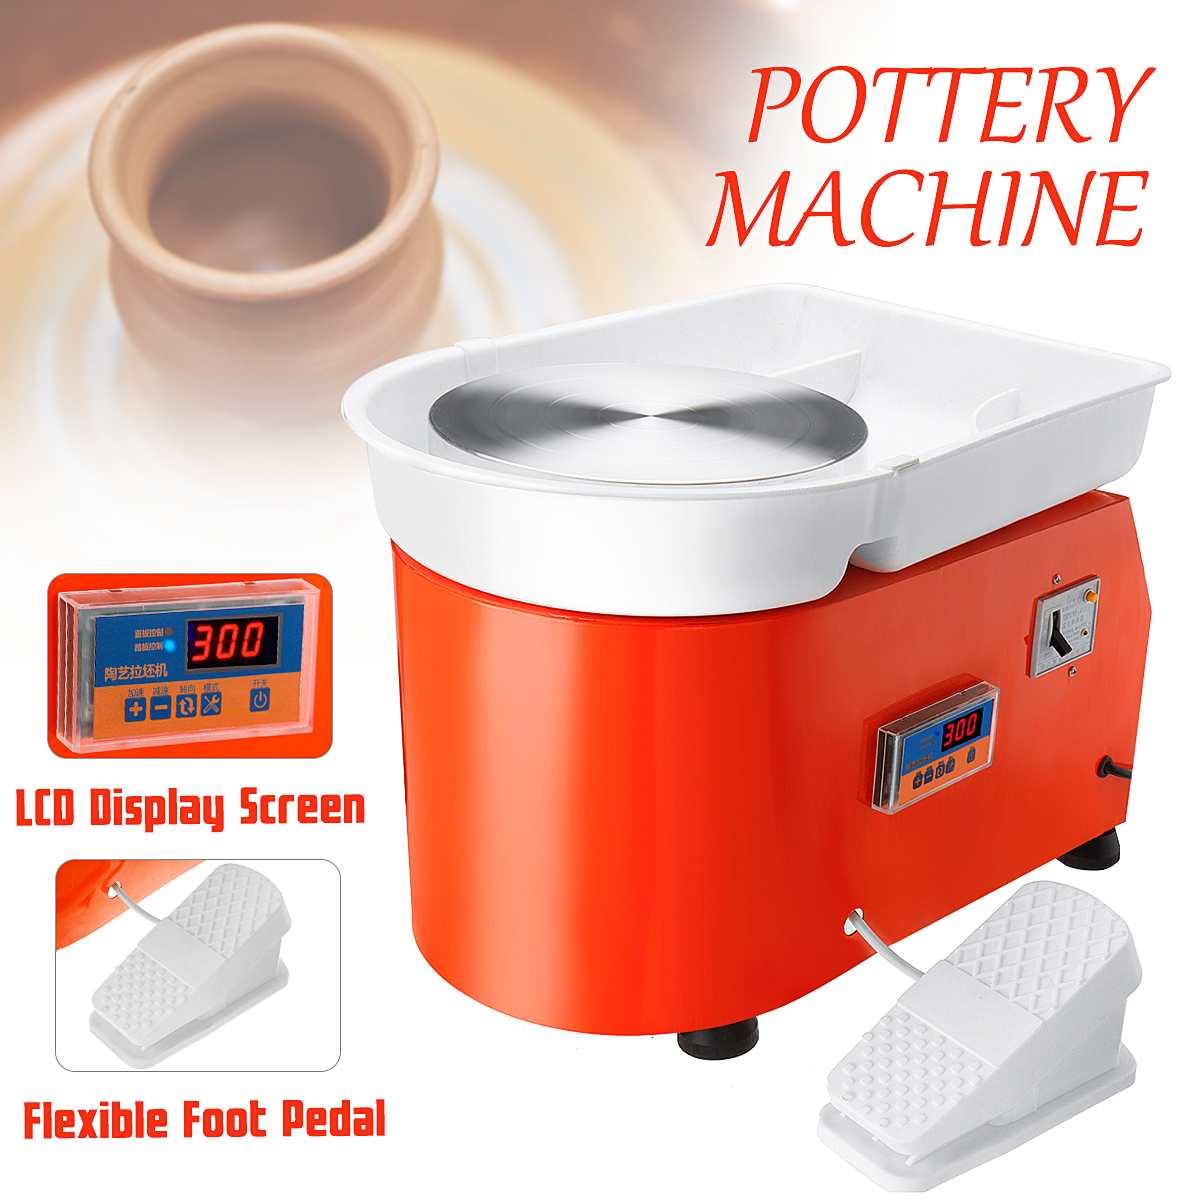 300 W AC 110 V/220 V poterie roue Machine en céramique travail argile Art Flexible pédale LCD contrôle 42x52x35 cm métal + alliage d'aluminium - 2